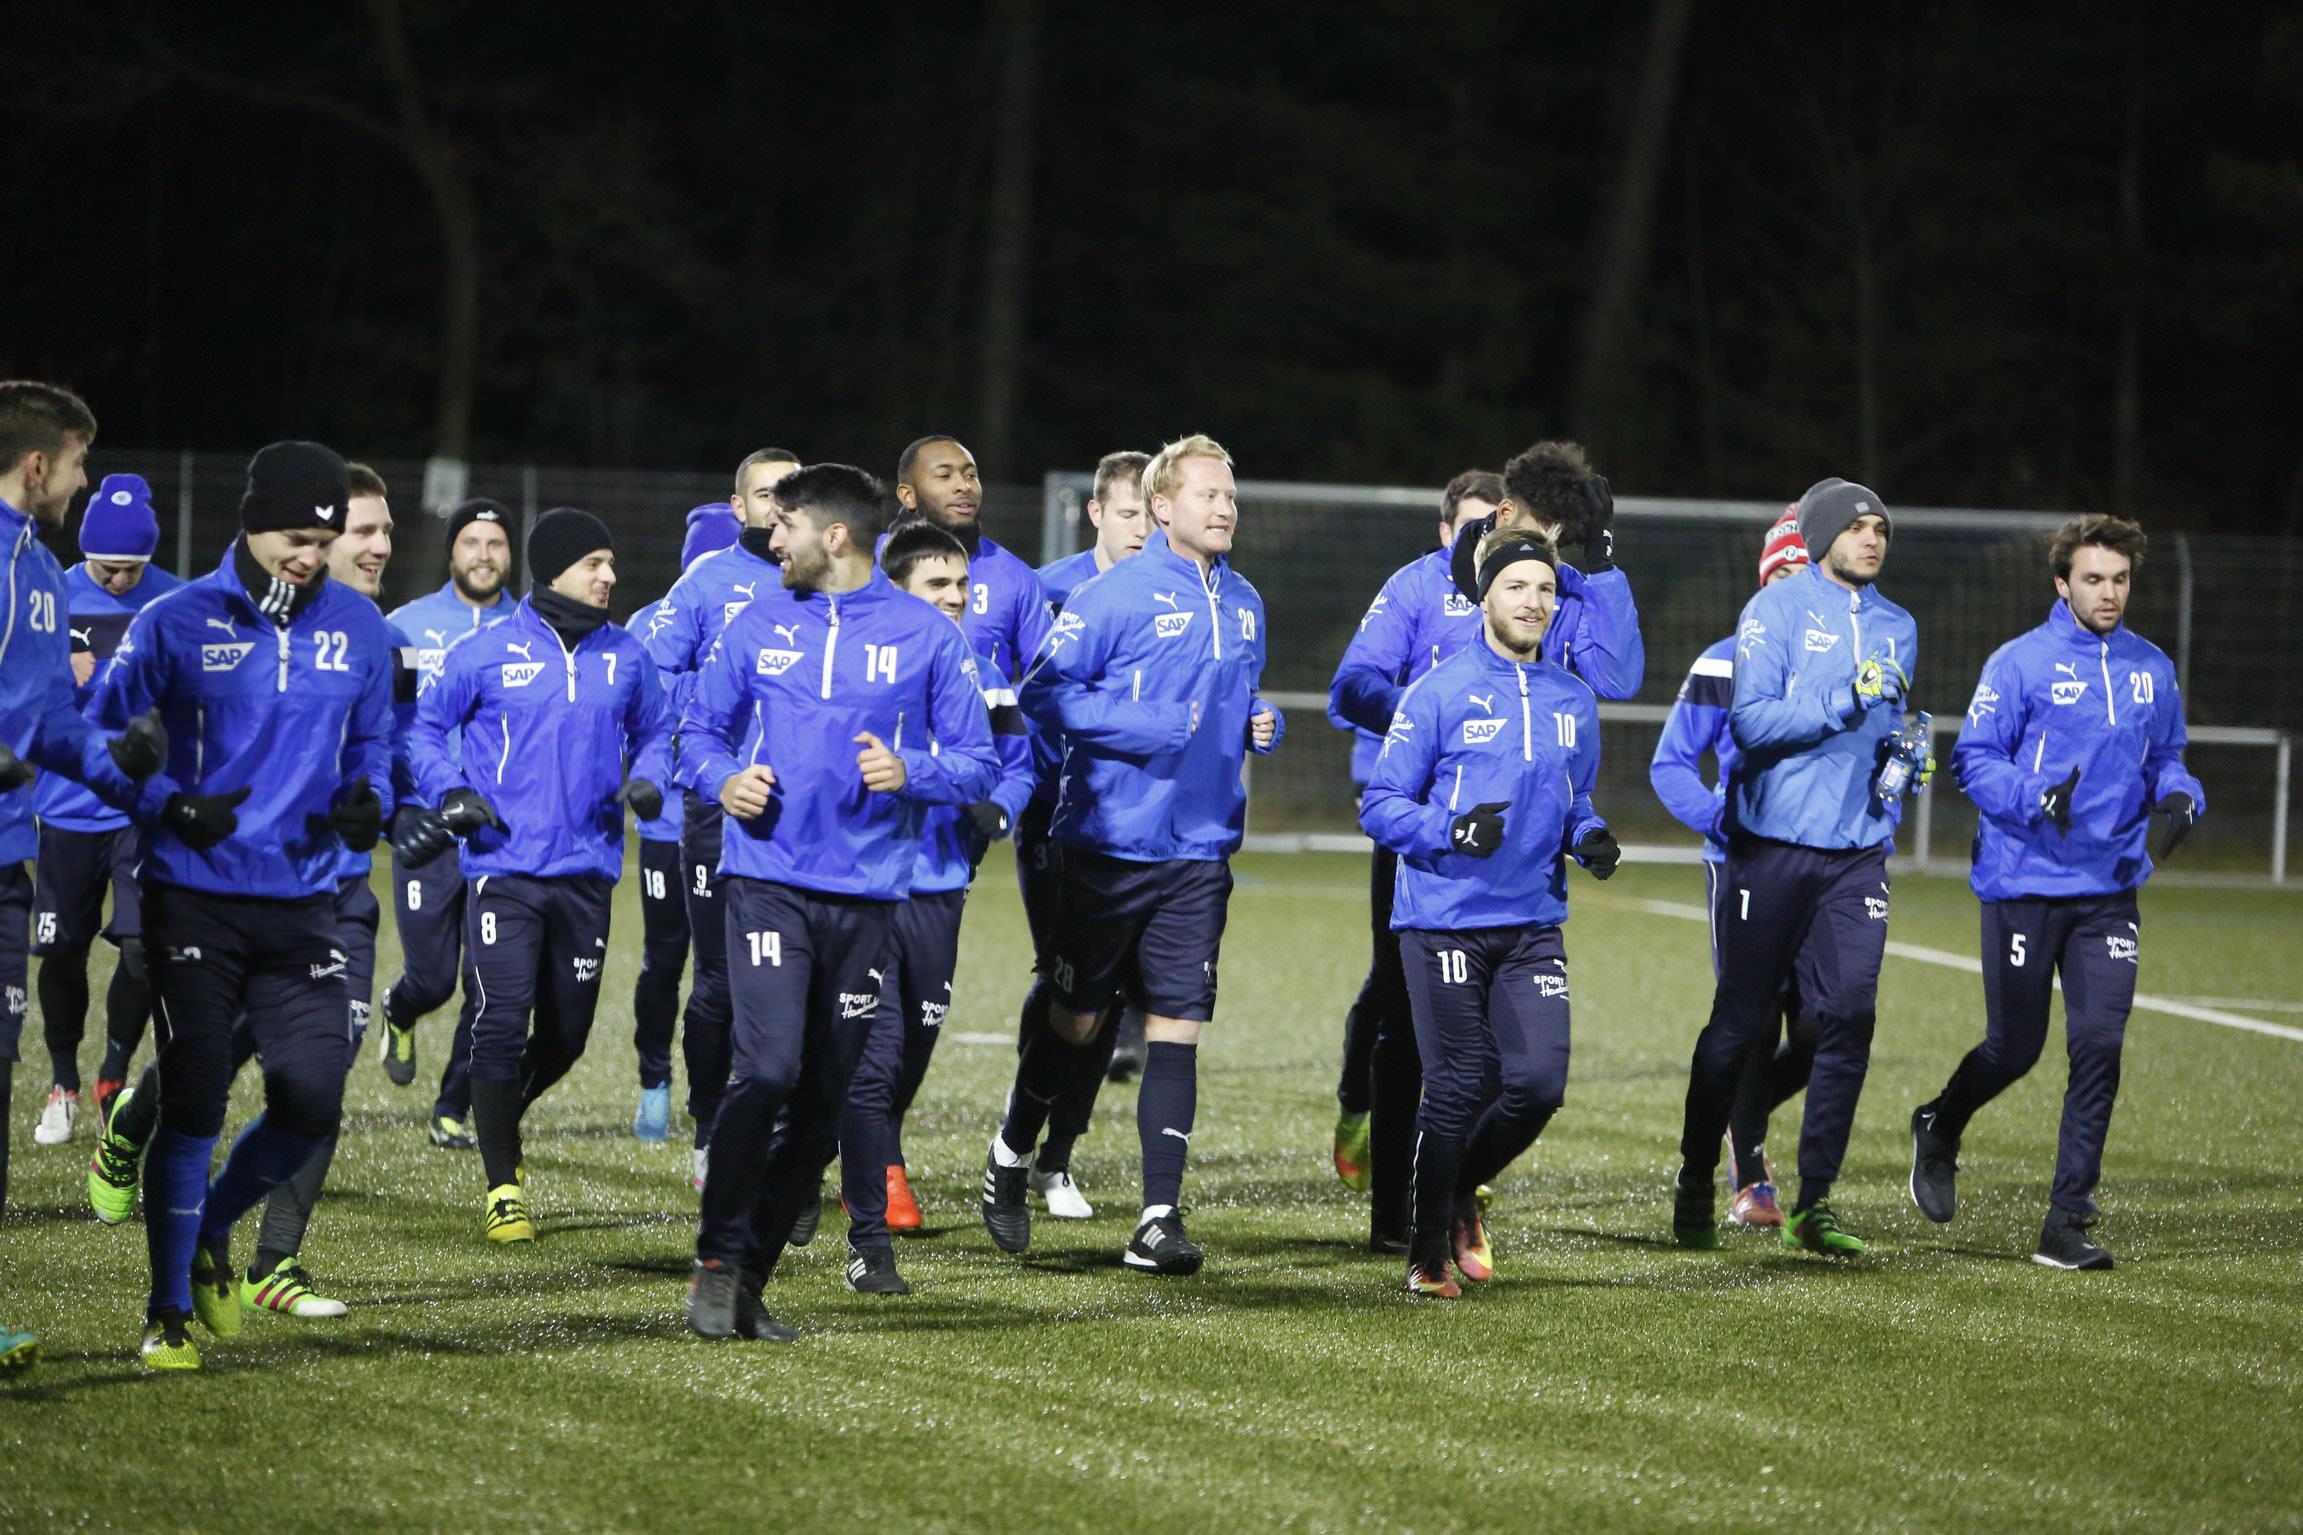 Walldorf. FC Astoria - Walldorf Vorbereitungstraining vor dem Pokalspiel. 17.01.2017 - Helmut Pfeifer.